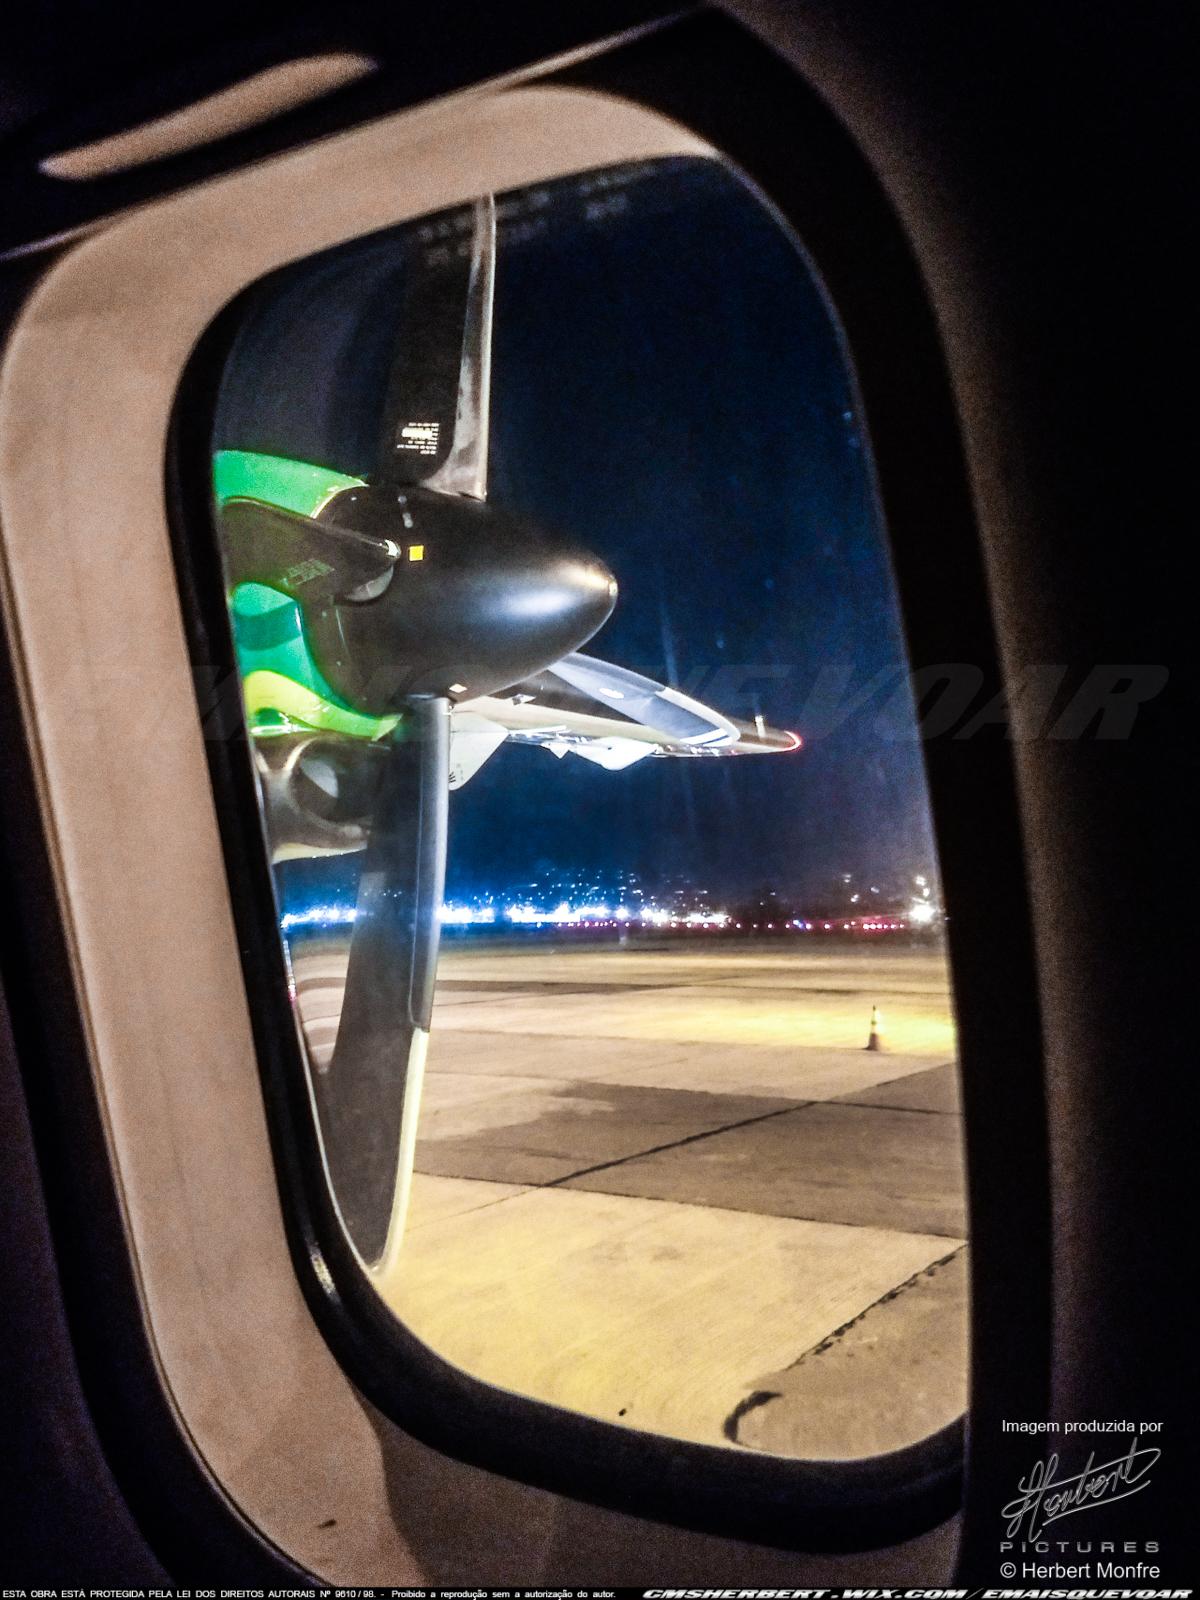 VOEPASS e MAP já voa para o Aeroporto de Congonhas e mais sete destinos. Veja em fotos | Foto © Herbert Monfre - Fotógrafo especialista em Aviação - Eventos - Feiras - Festas - Contrate o fotógrafo pelo email cmsherbert@hotmail.com | É MAIS QUE VOAR